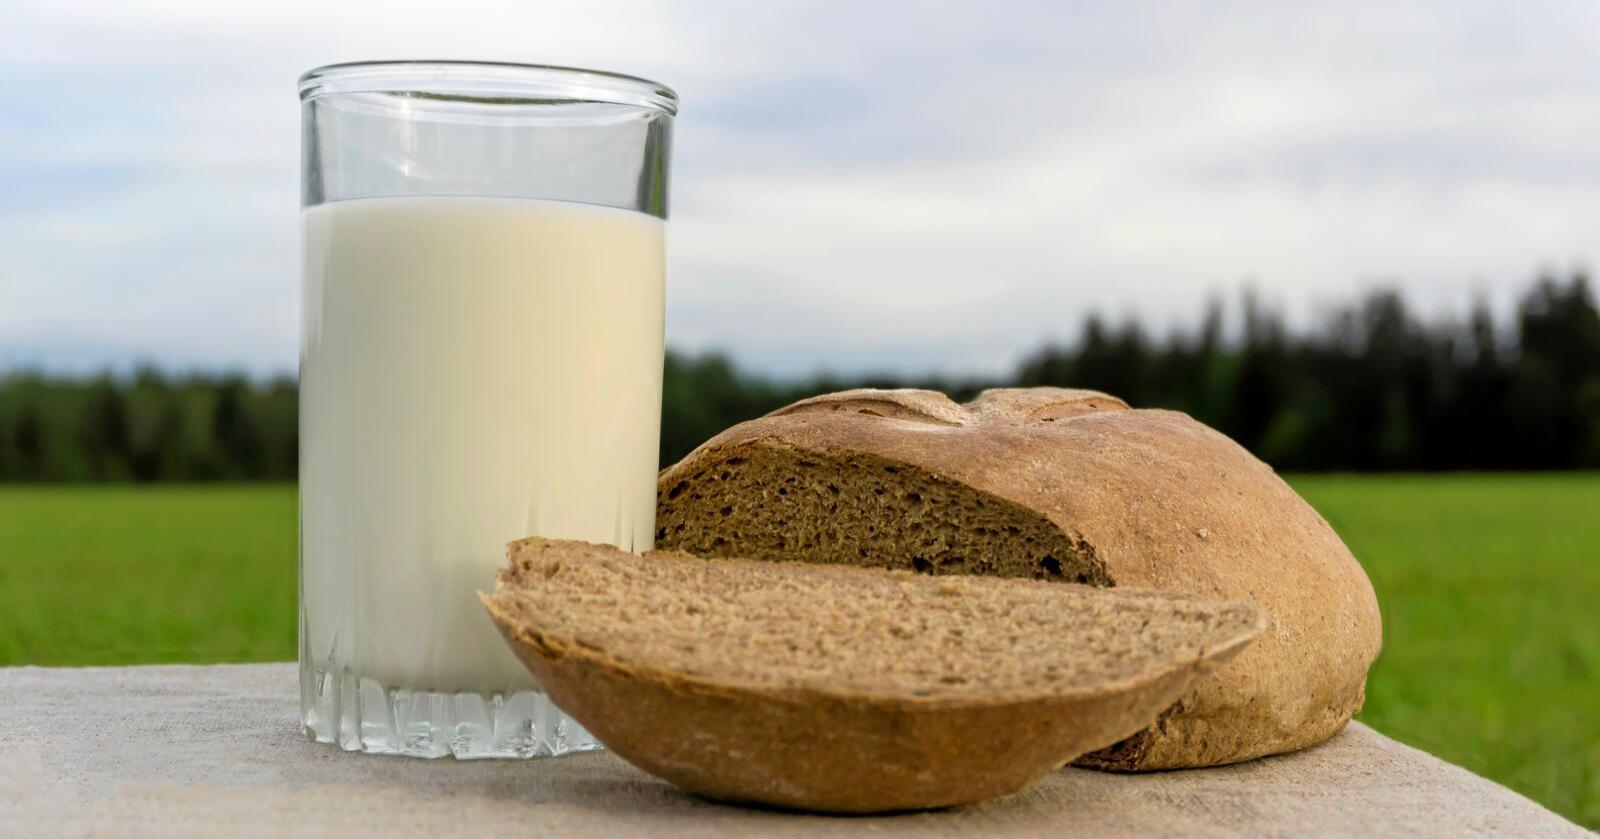 Skal Norge være selvforsynt i en krisesituasjon kan det bli behov for flere melkekyr, mens det bør være nok korn til befolkningen med dagens produksjon. Melk og korn er i dag de to viktigste kildene til energi i nordmenns kosthold  Foto: Mostphotos